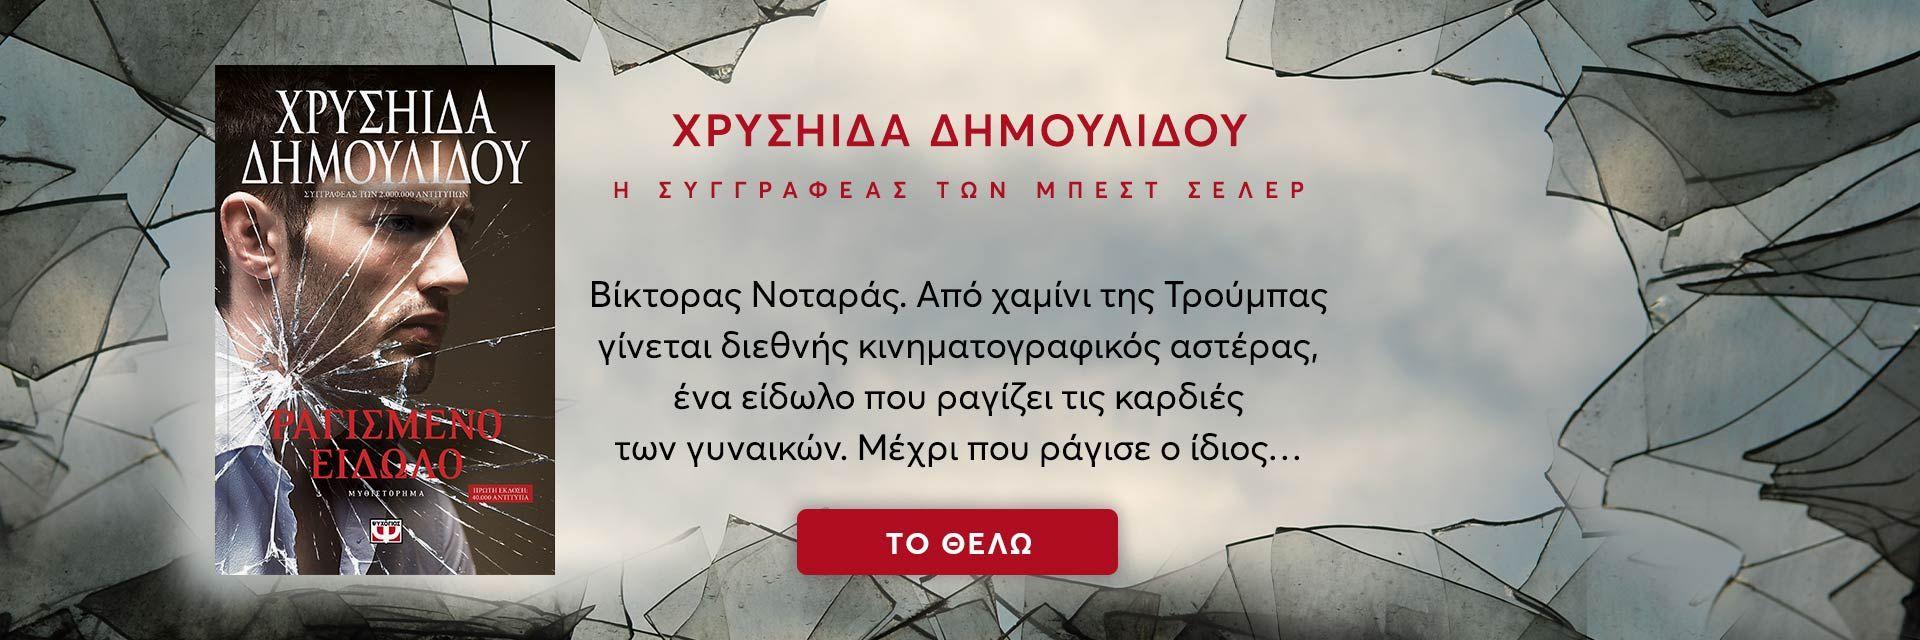 ΡΑΓΙΣΜΕΝΟ ΕΙΔΩΛΟ